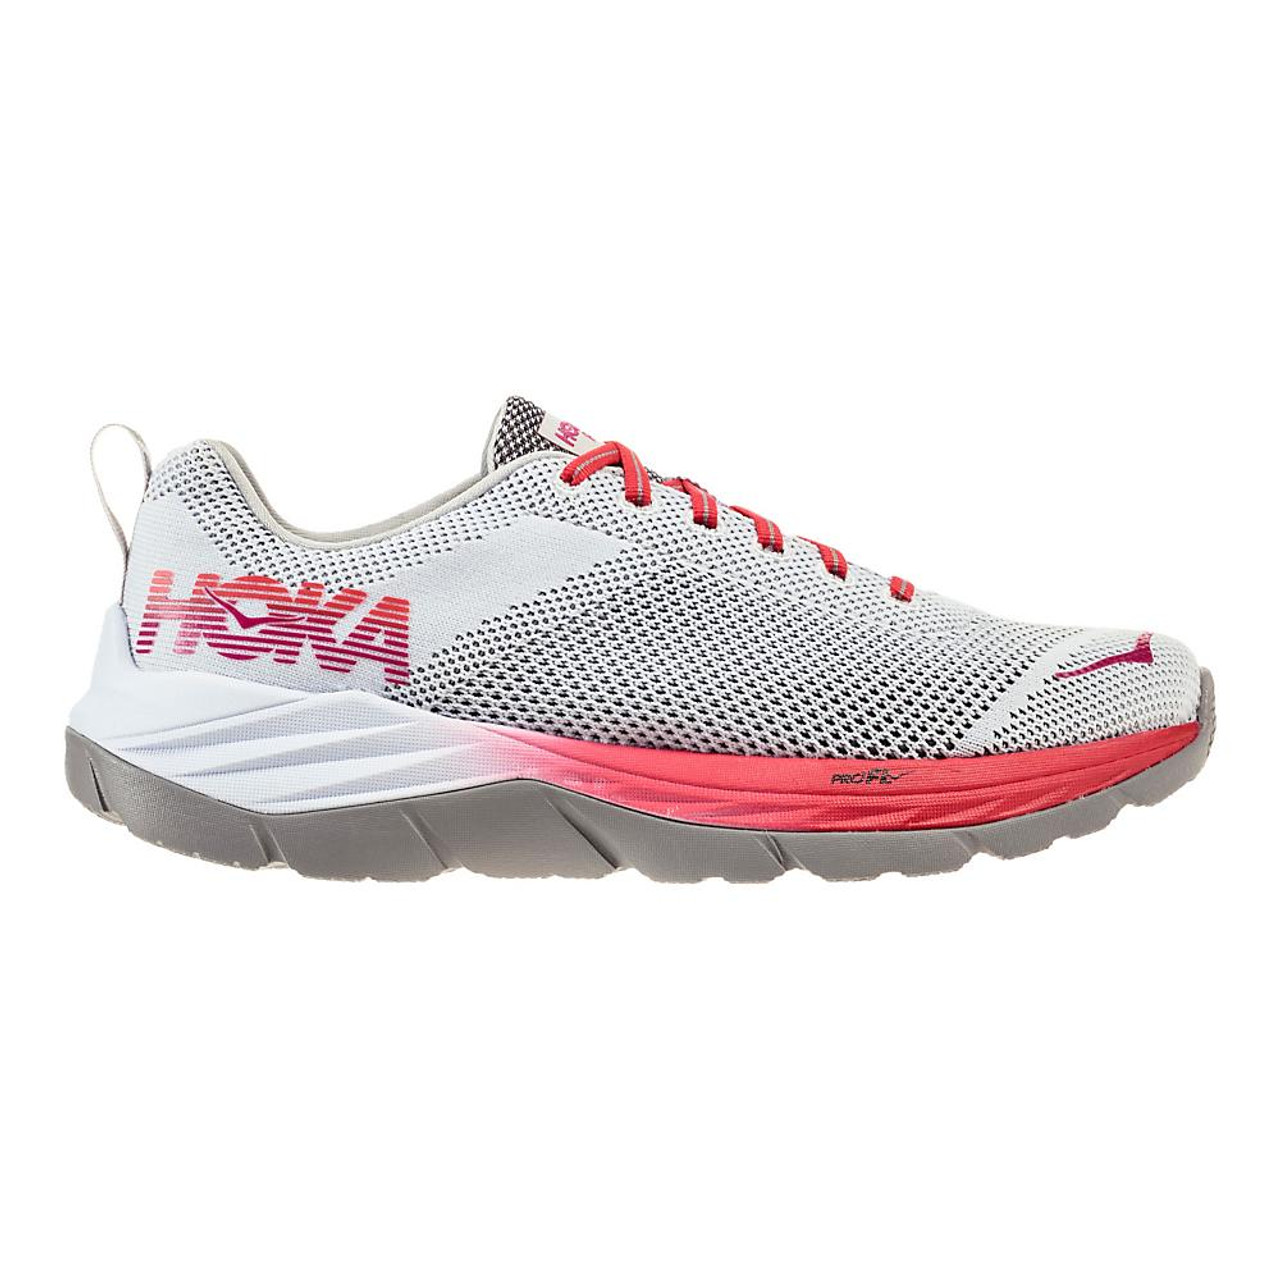 Women's Hoka One One Mach Running Shoes